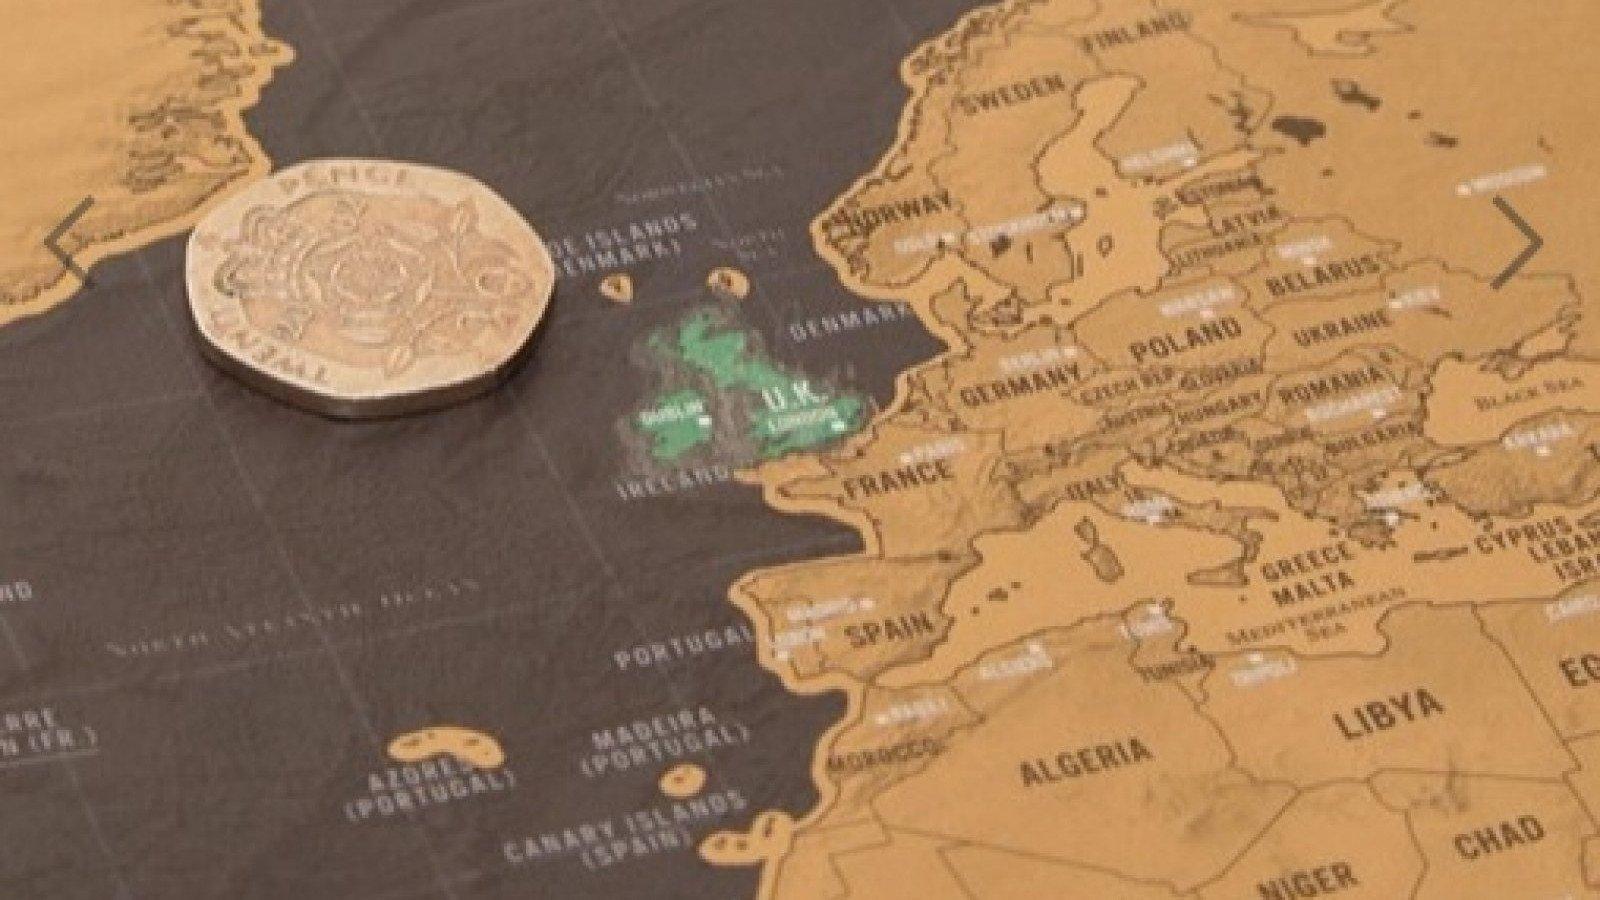 Un mapa mundi para rascar los países visitados es ideal para viajeros.